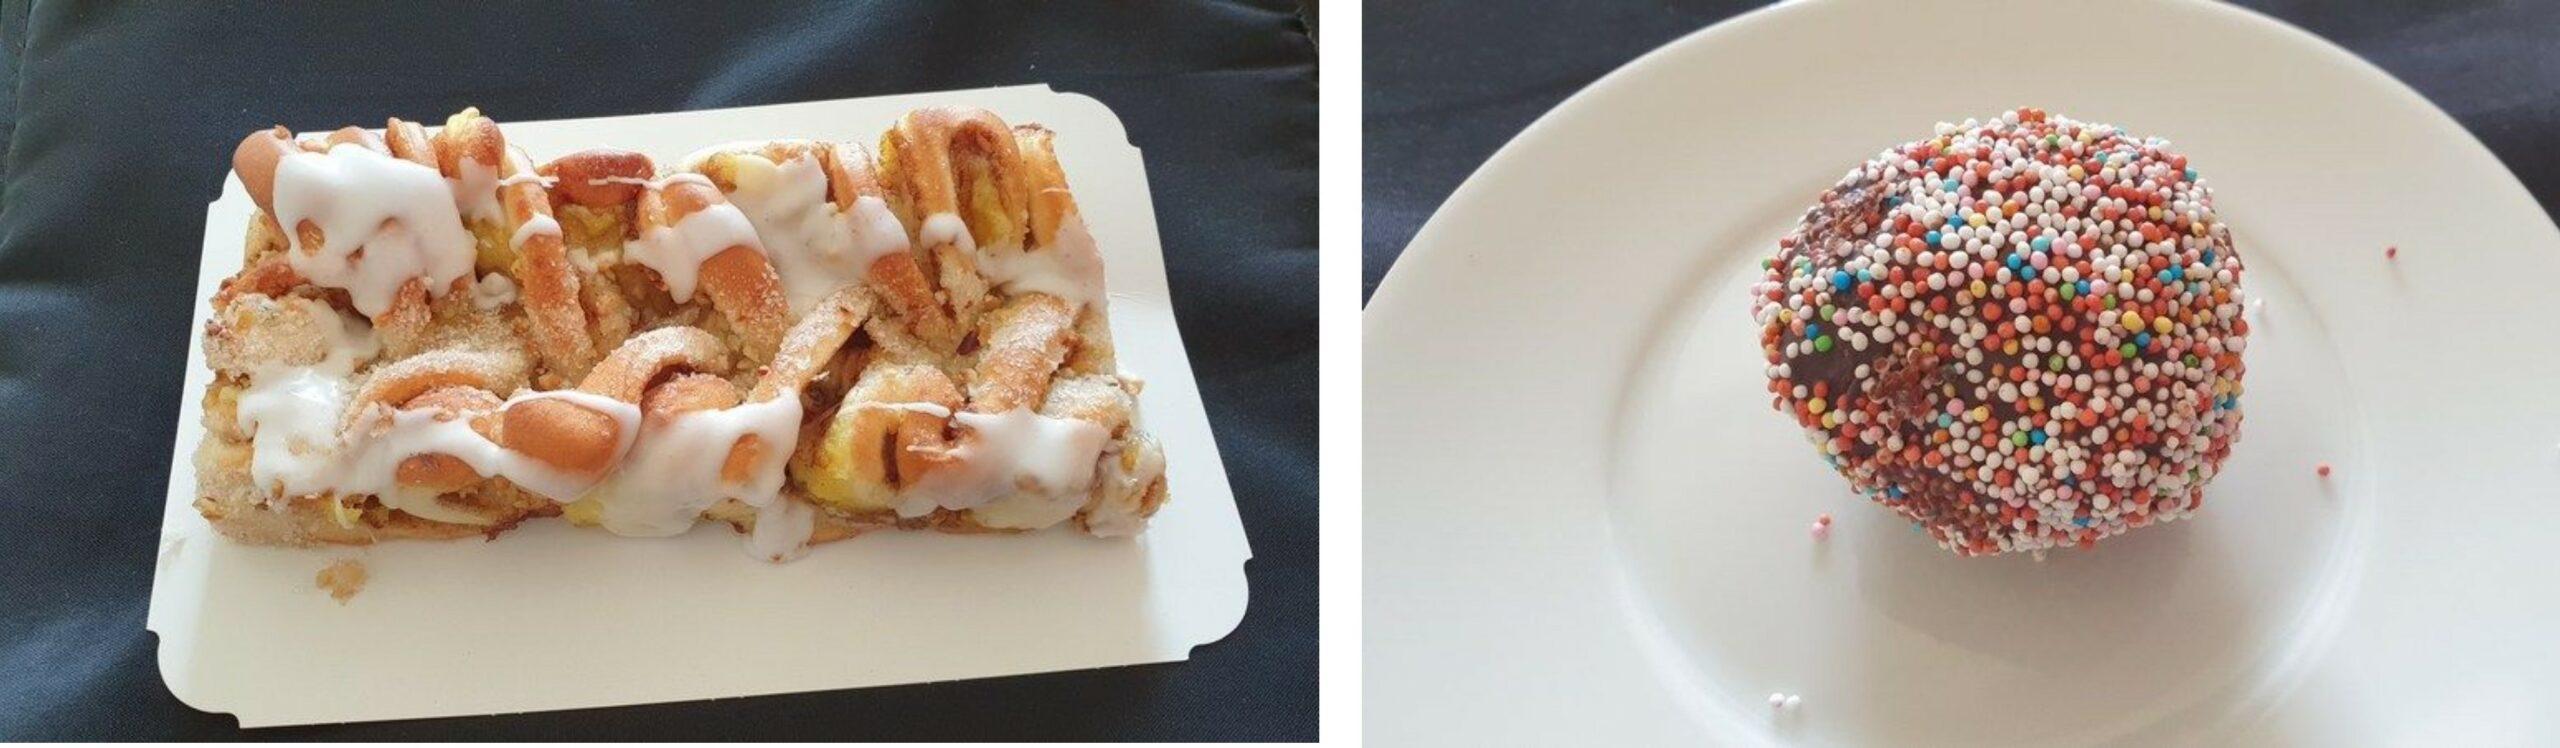 Blavand Bageri Kuchen und Rumkugeln